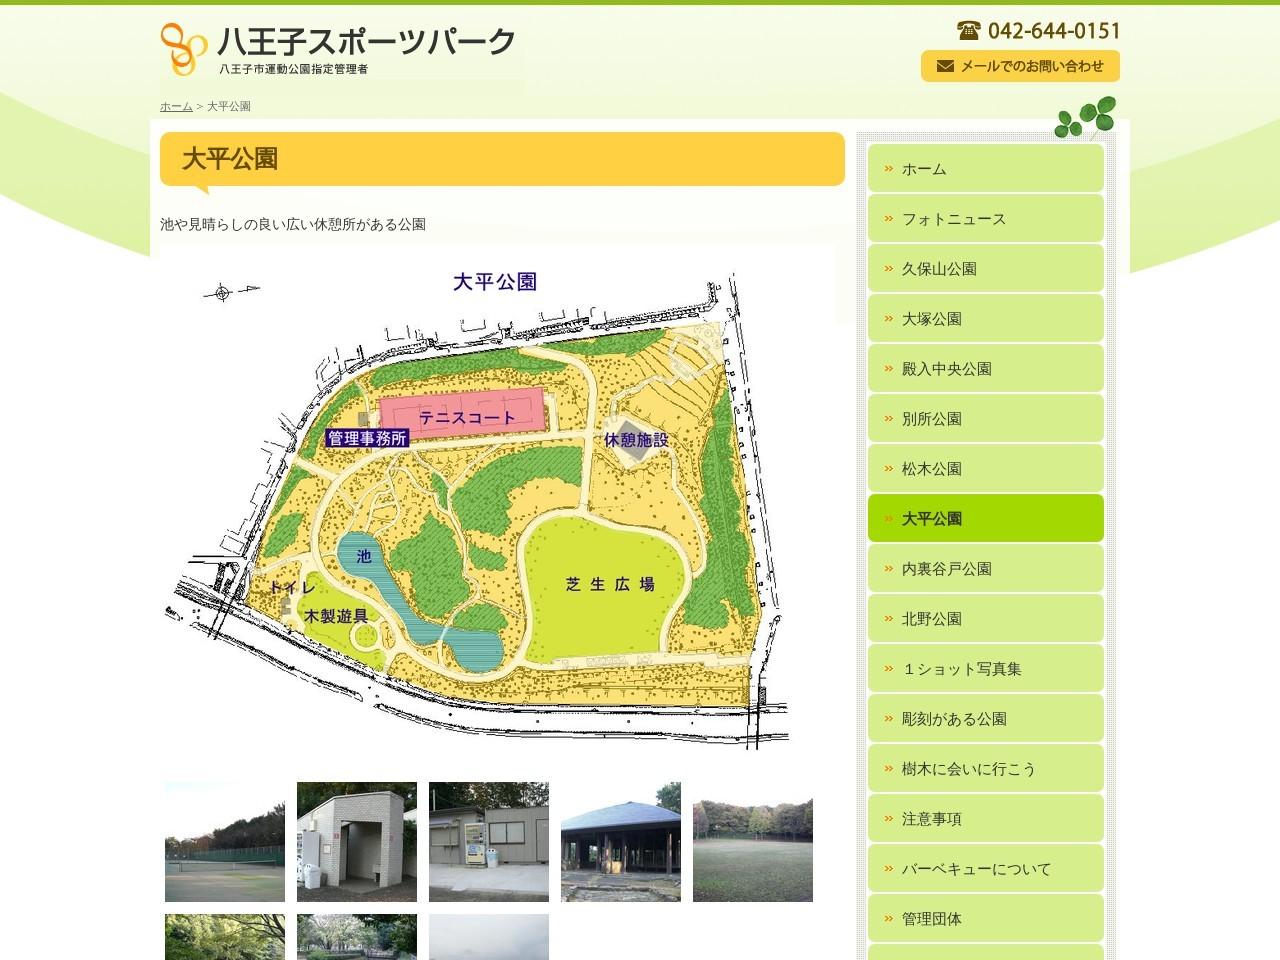 大平公園テニスコート